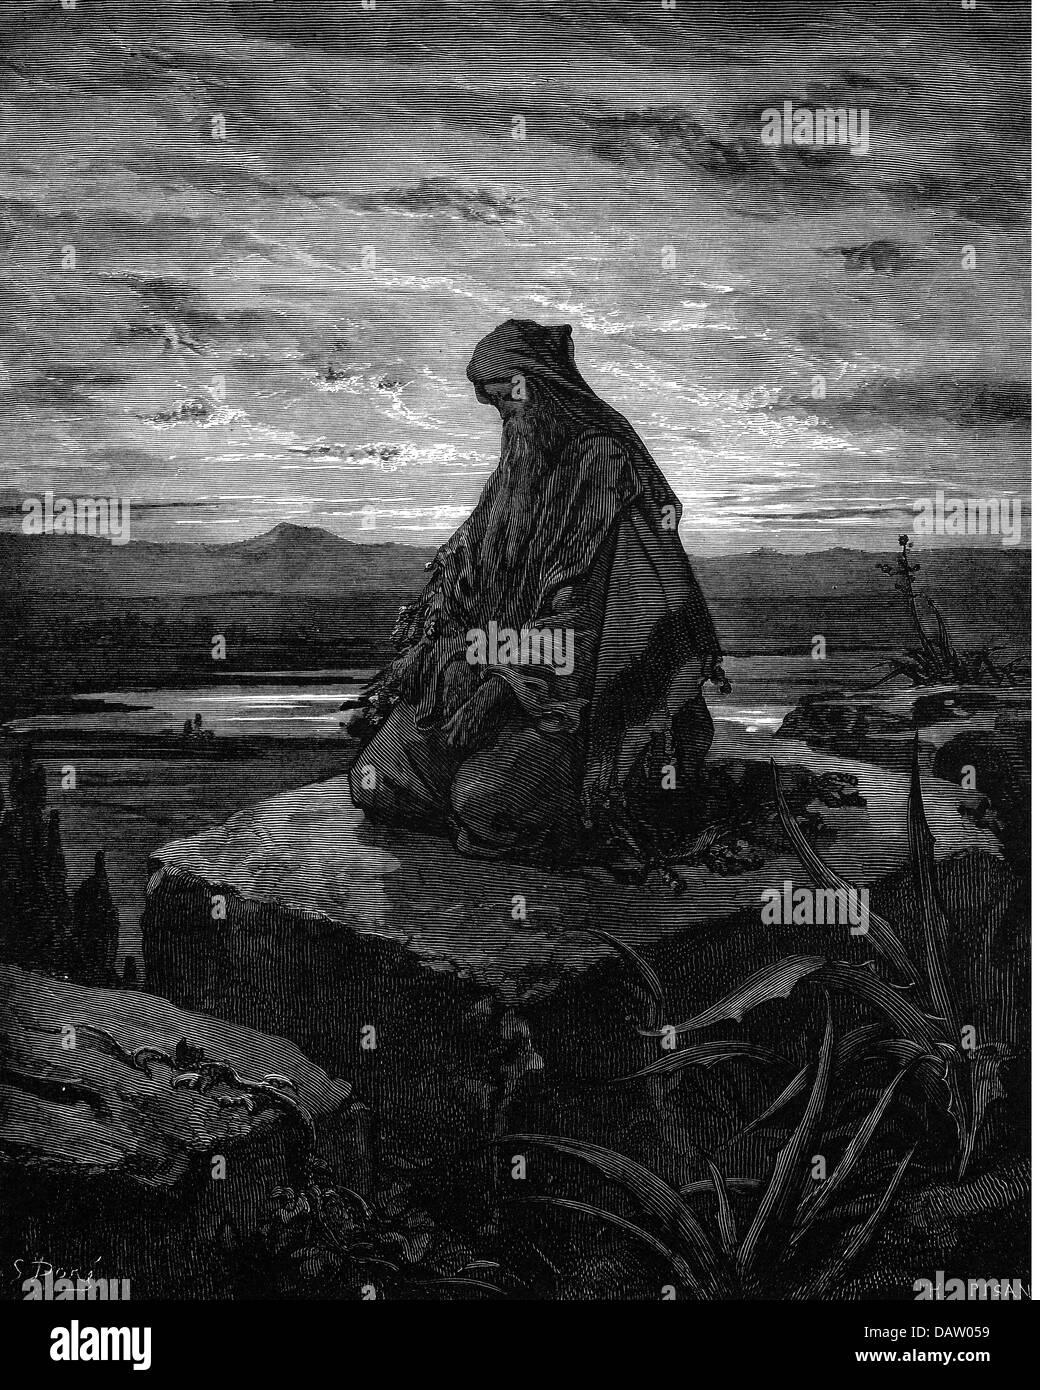 """La religion, scènes bibliques, """"Isaïe"""", gravure sur bois de la Bible par Gustave Doré, 1866, l'artiste n'a pas d'auteur pour être effacé Banque D'Images"""